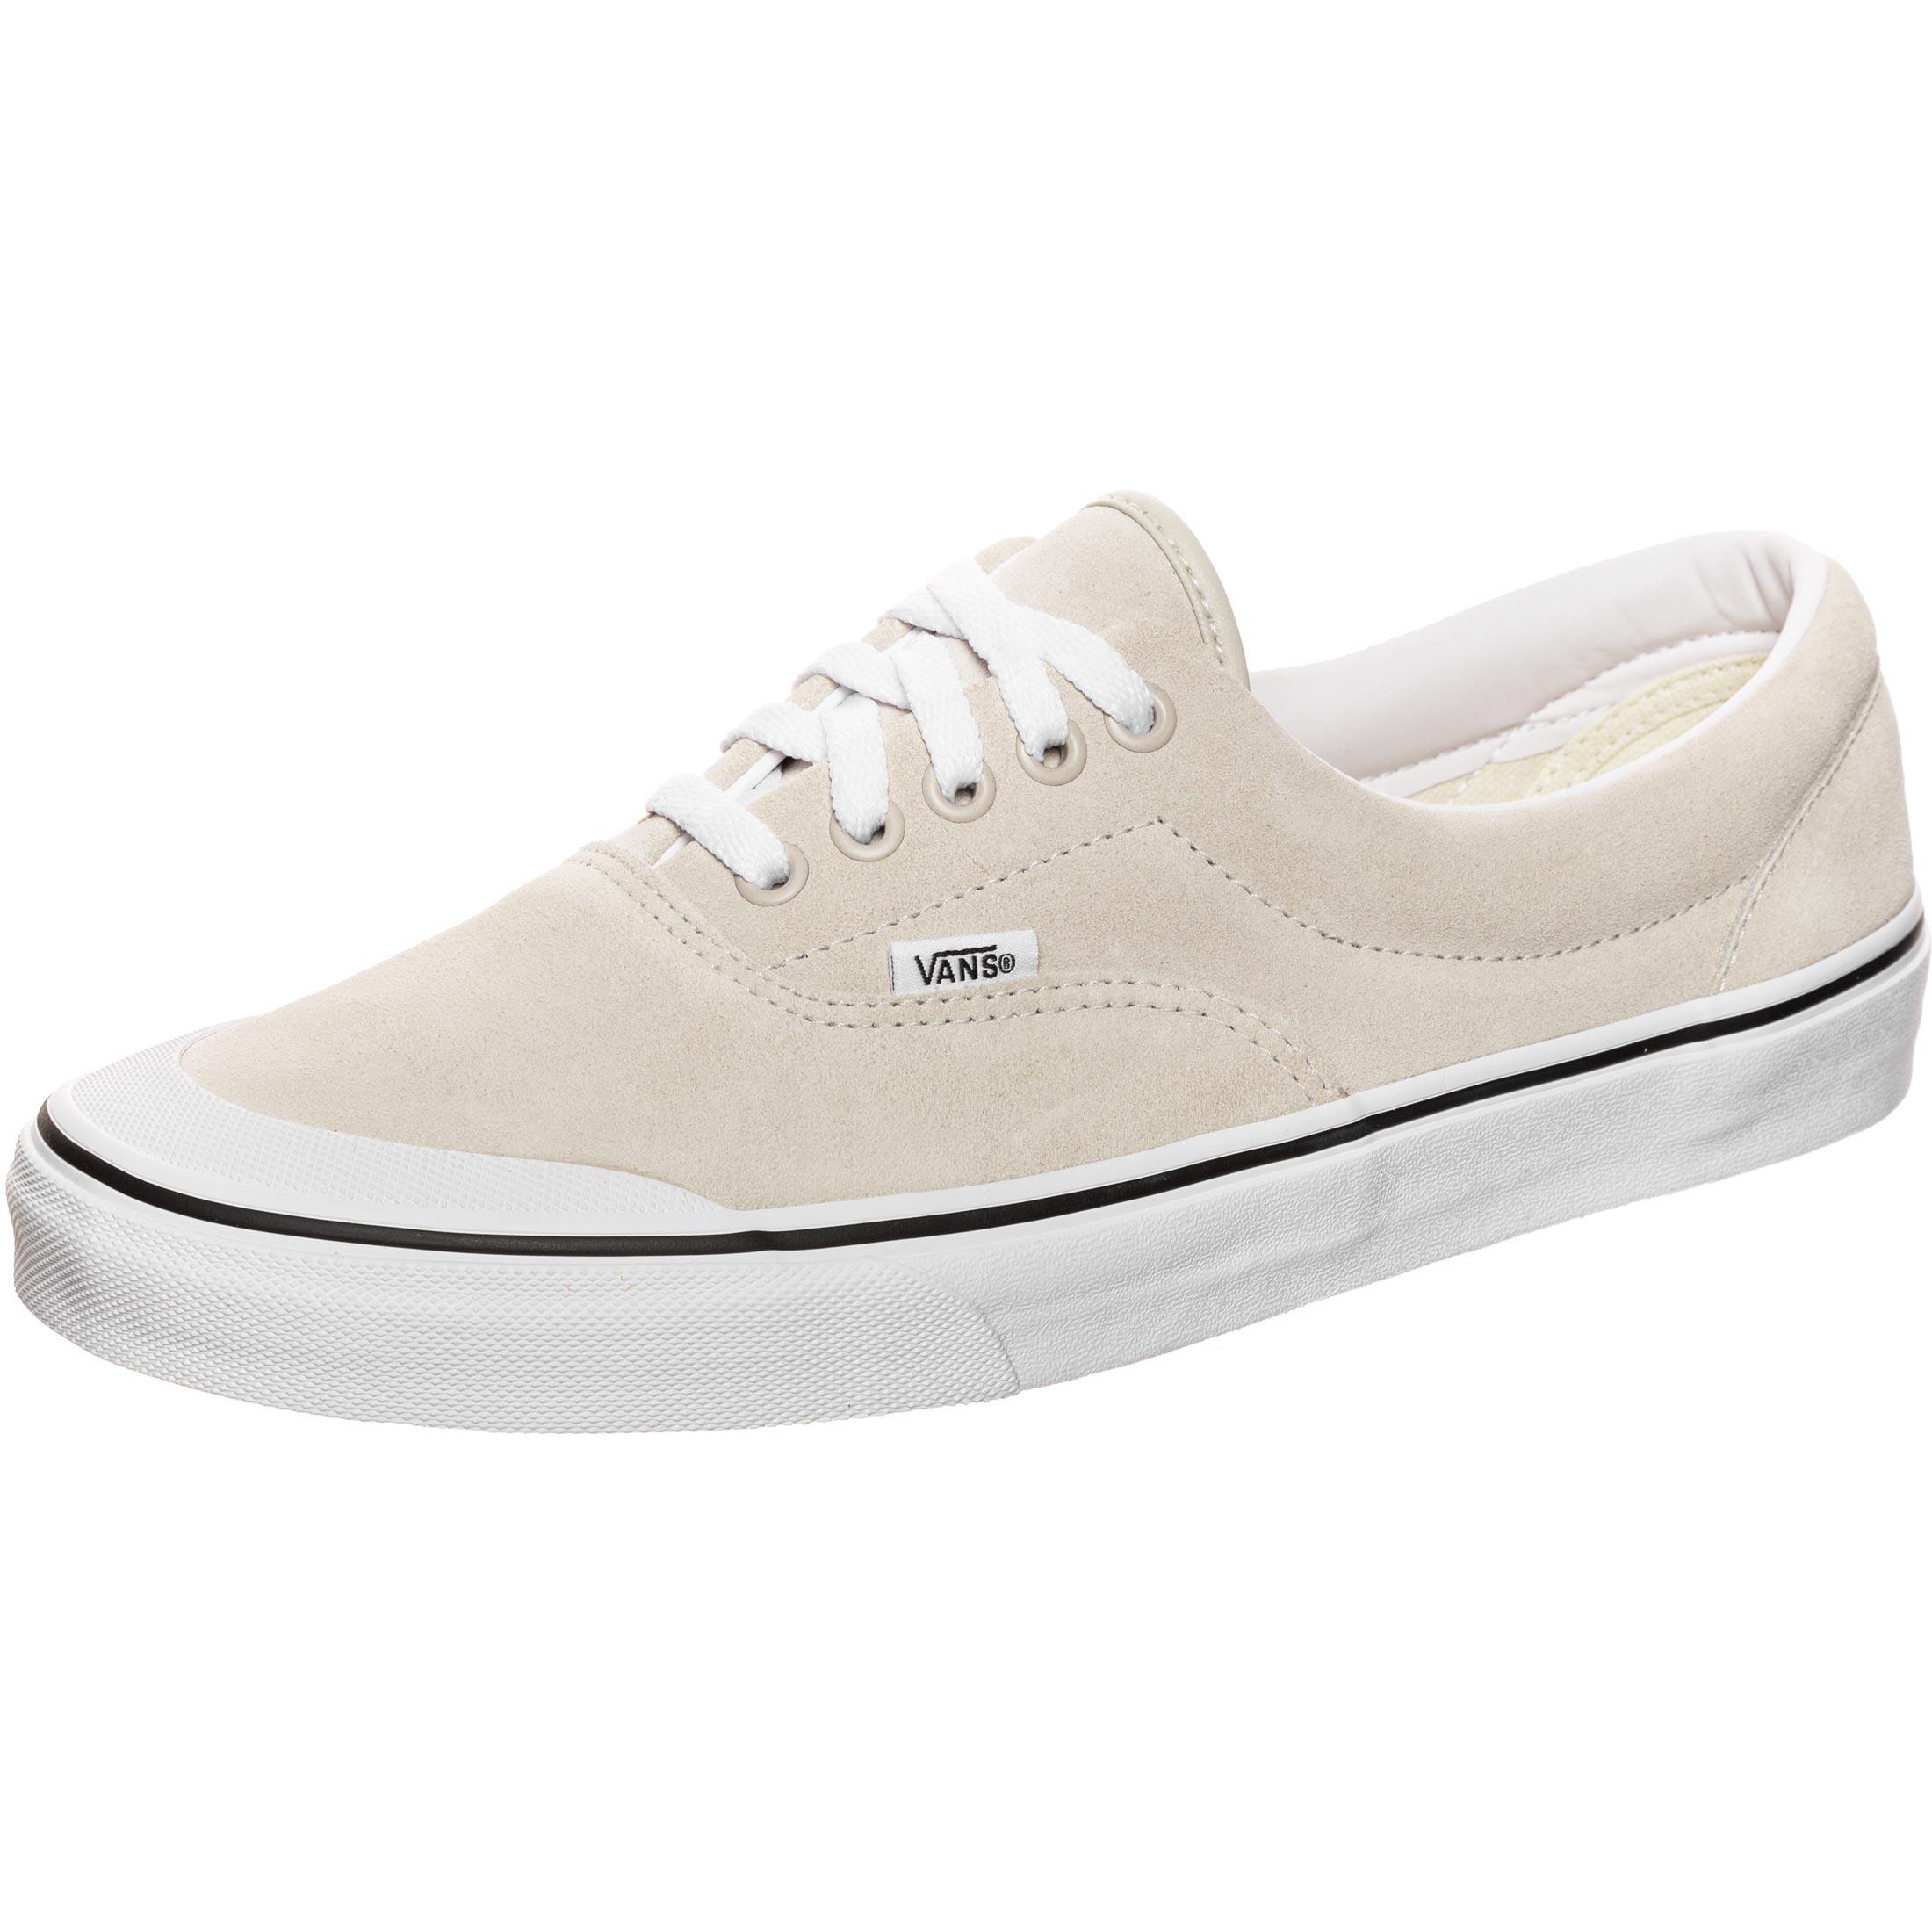 Vans Era TC - Sneakers Low at Stylefile